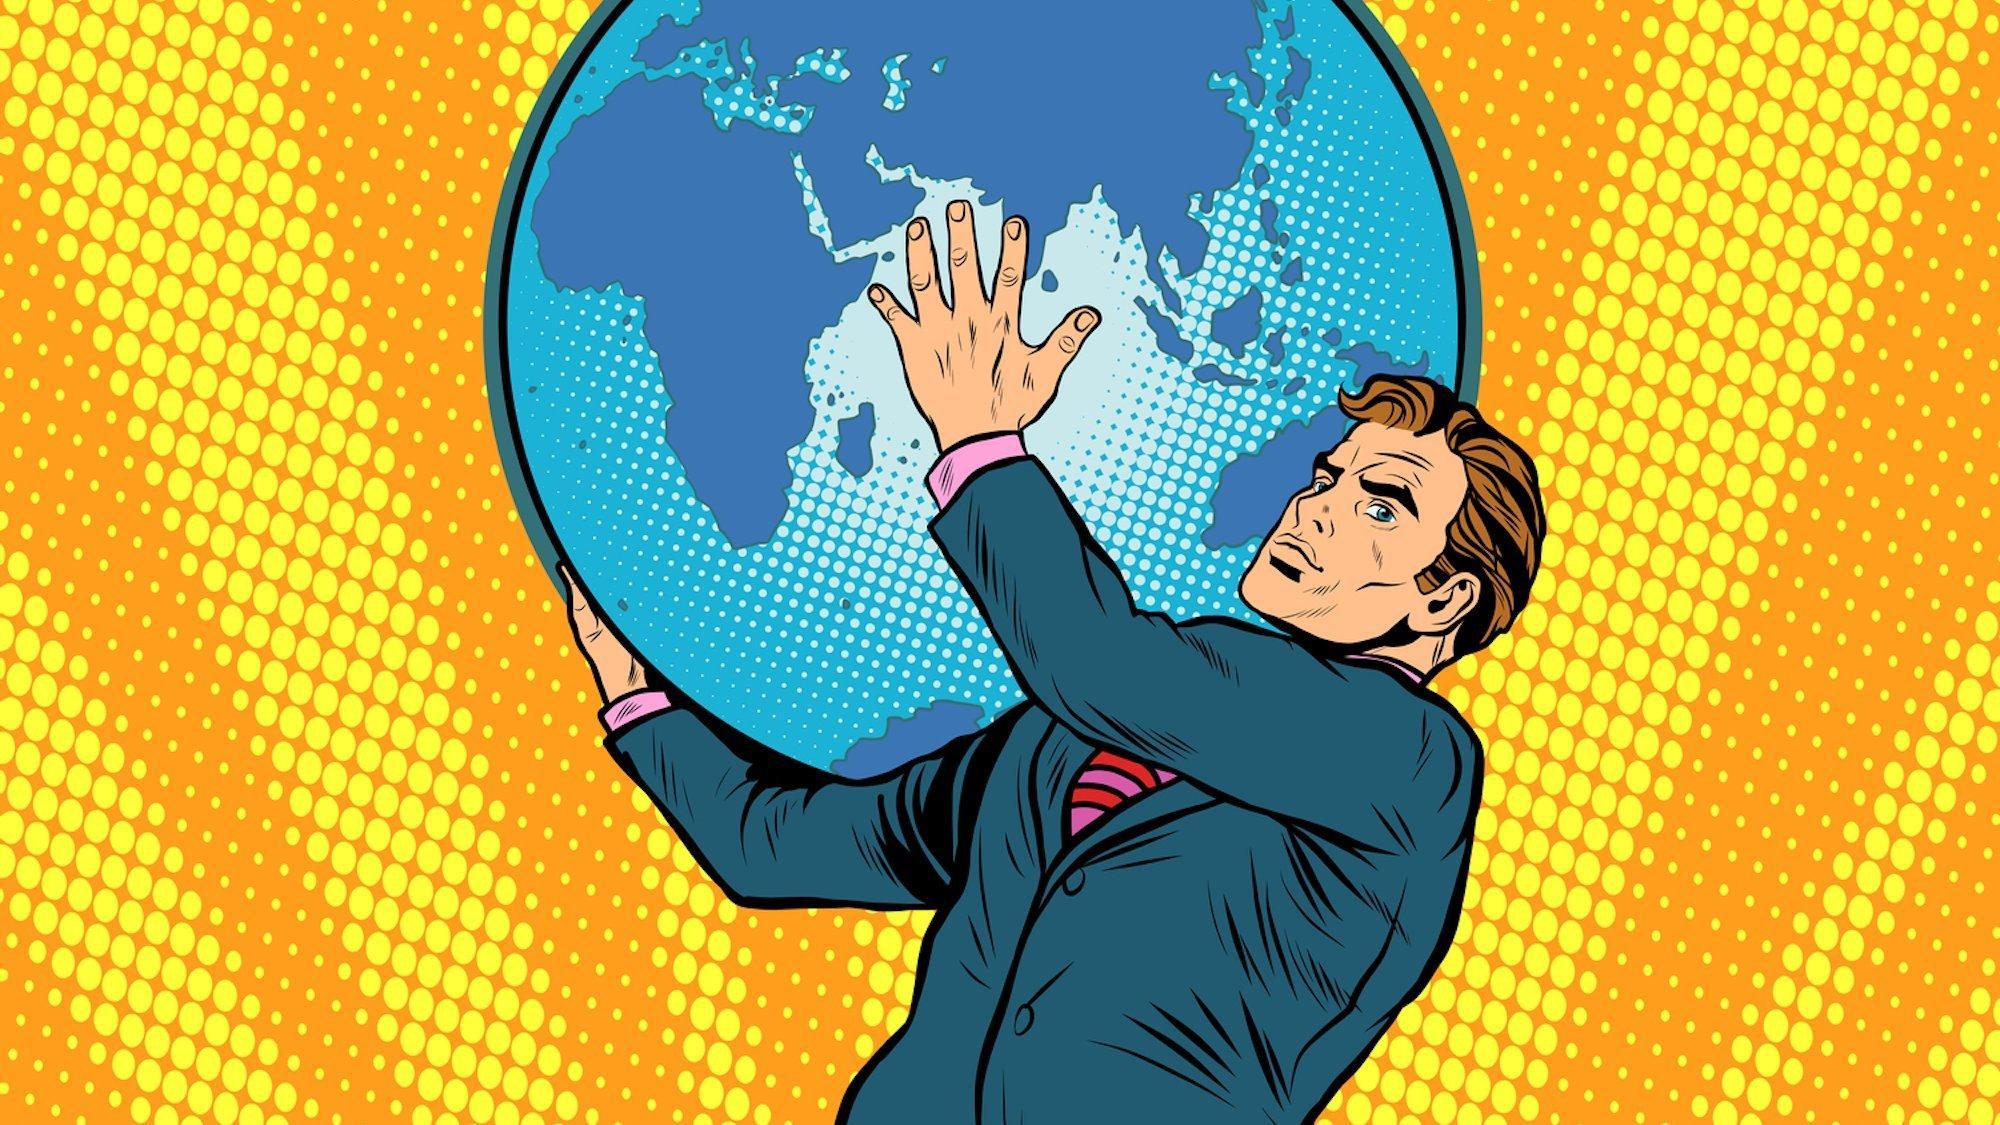 Künstlerische Darstellung im Comic-Stil. Ein Mann im Anzug trägt eine große Erdkugel auf der Schulter. Der Hintergrund ist gelb/orange.